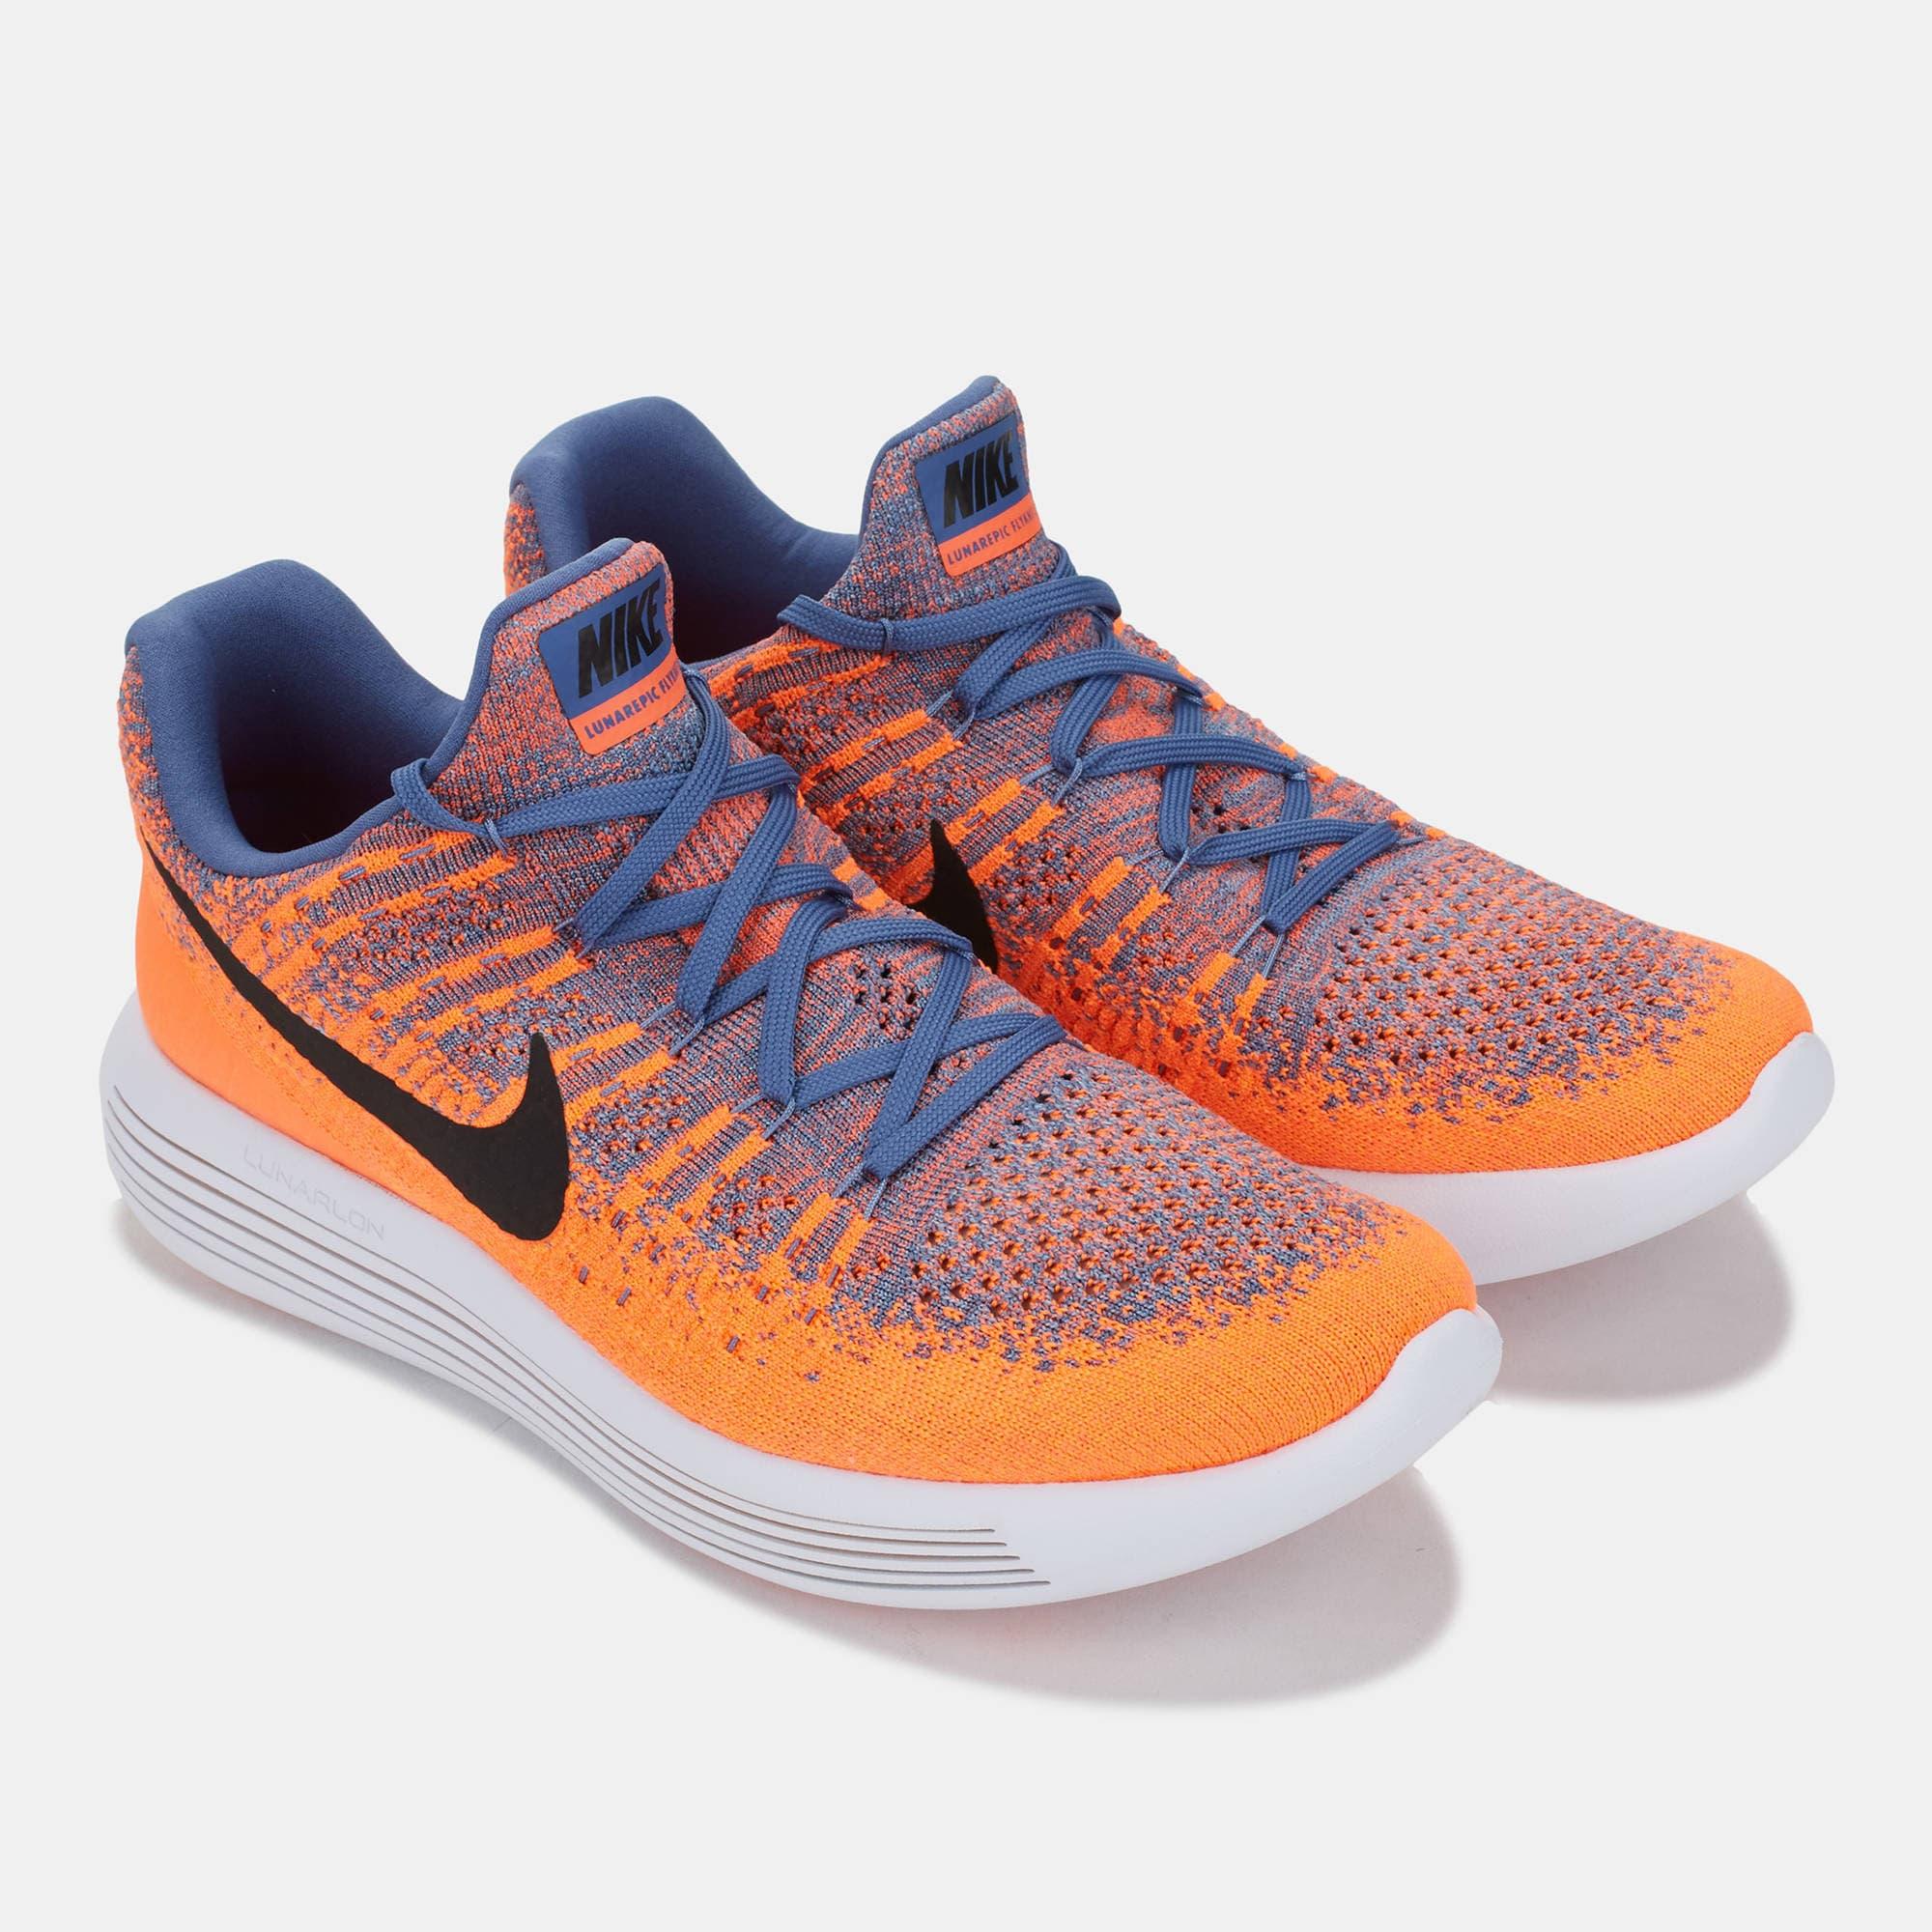 Jual Nike Lunarepic Low Flyknit 2 Paramount Blue Black Max Orange ... d1ef8dc177